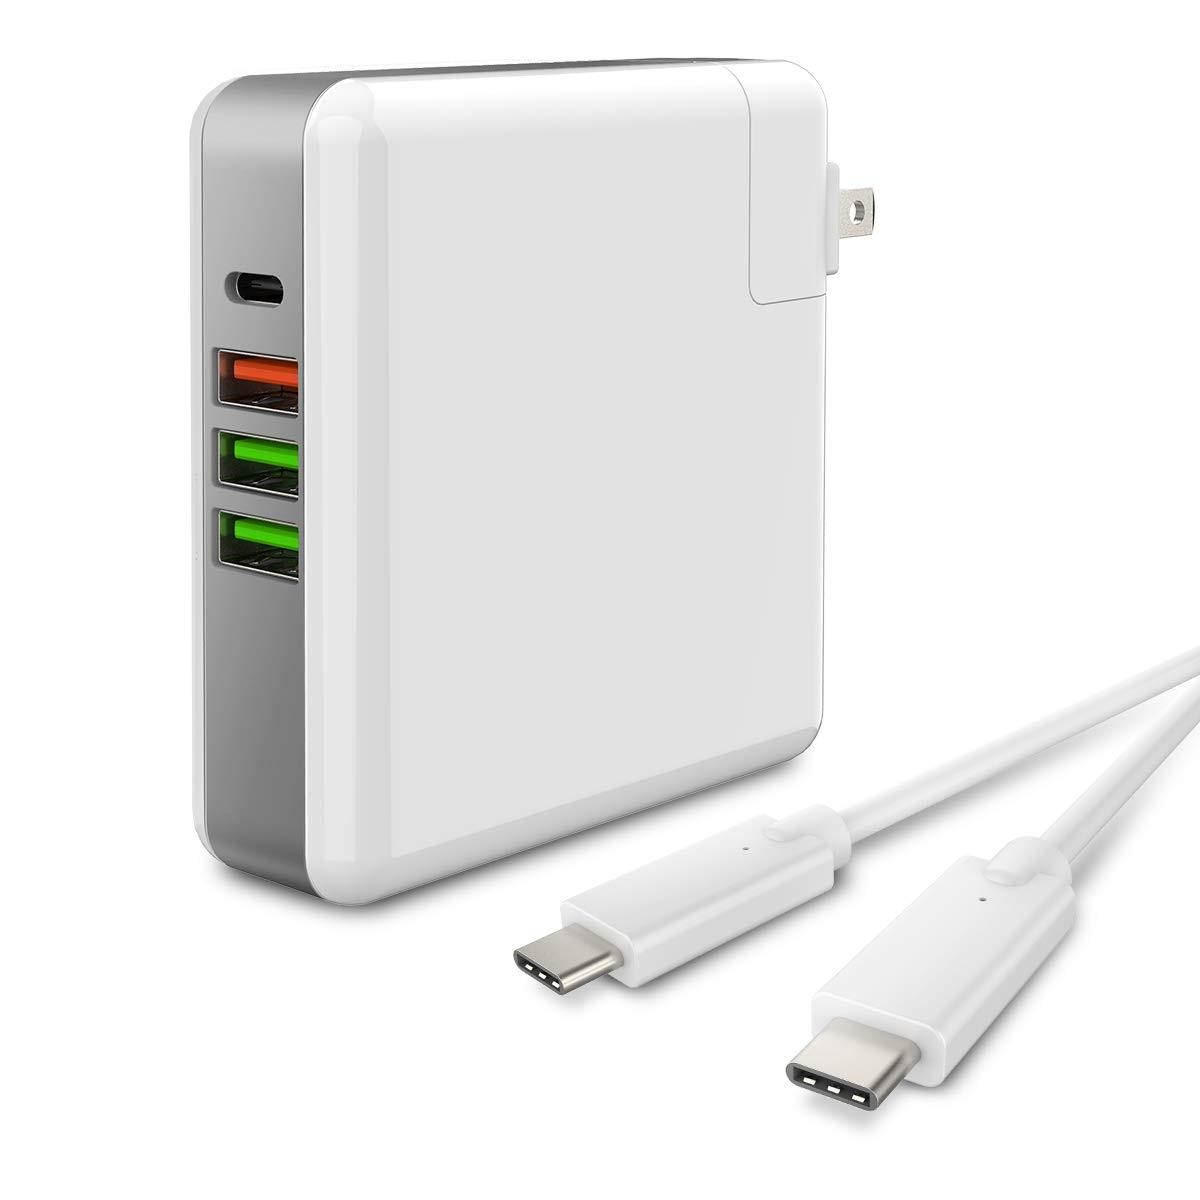 Настенное зарядное устройство USB C, 4 порта, 61 Вт, зарядное устройство usb type C PD, совместимо с MacBook iPhone Xs